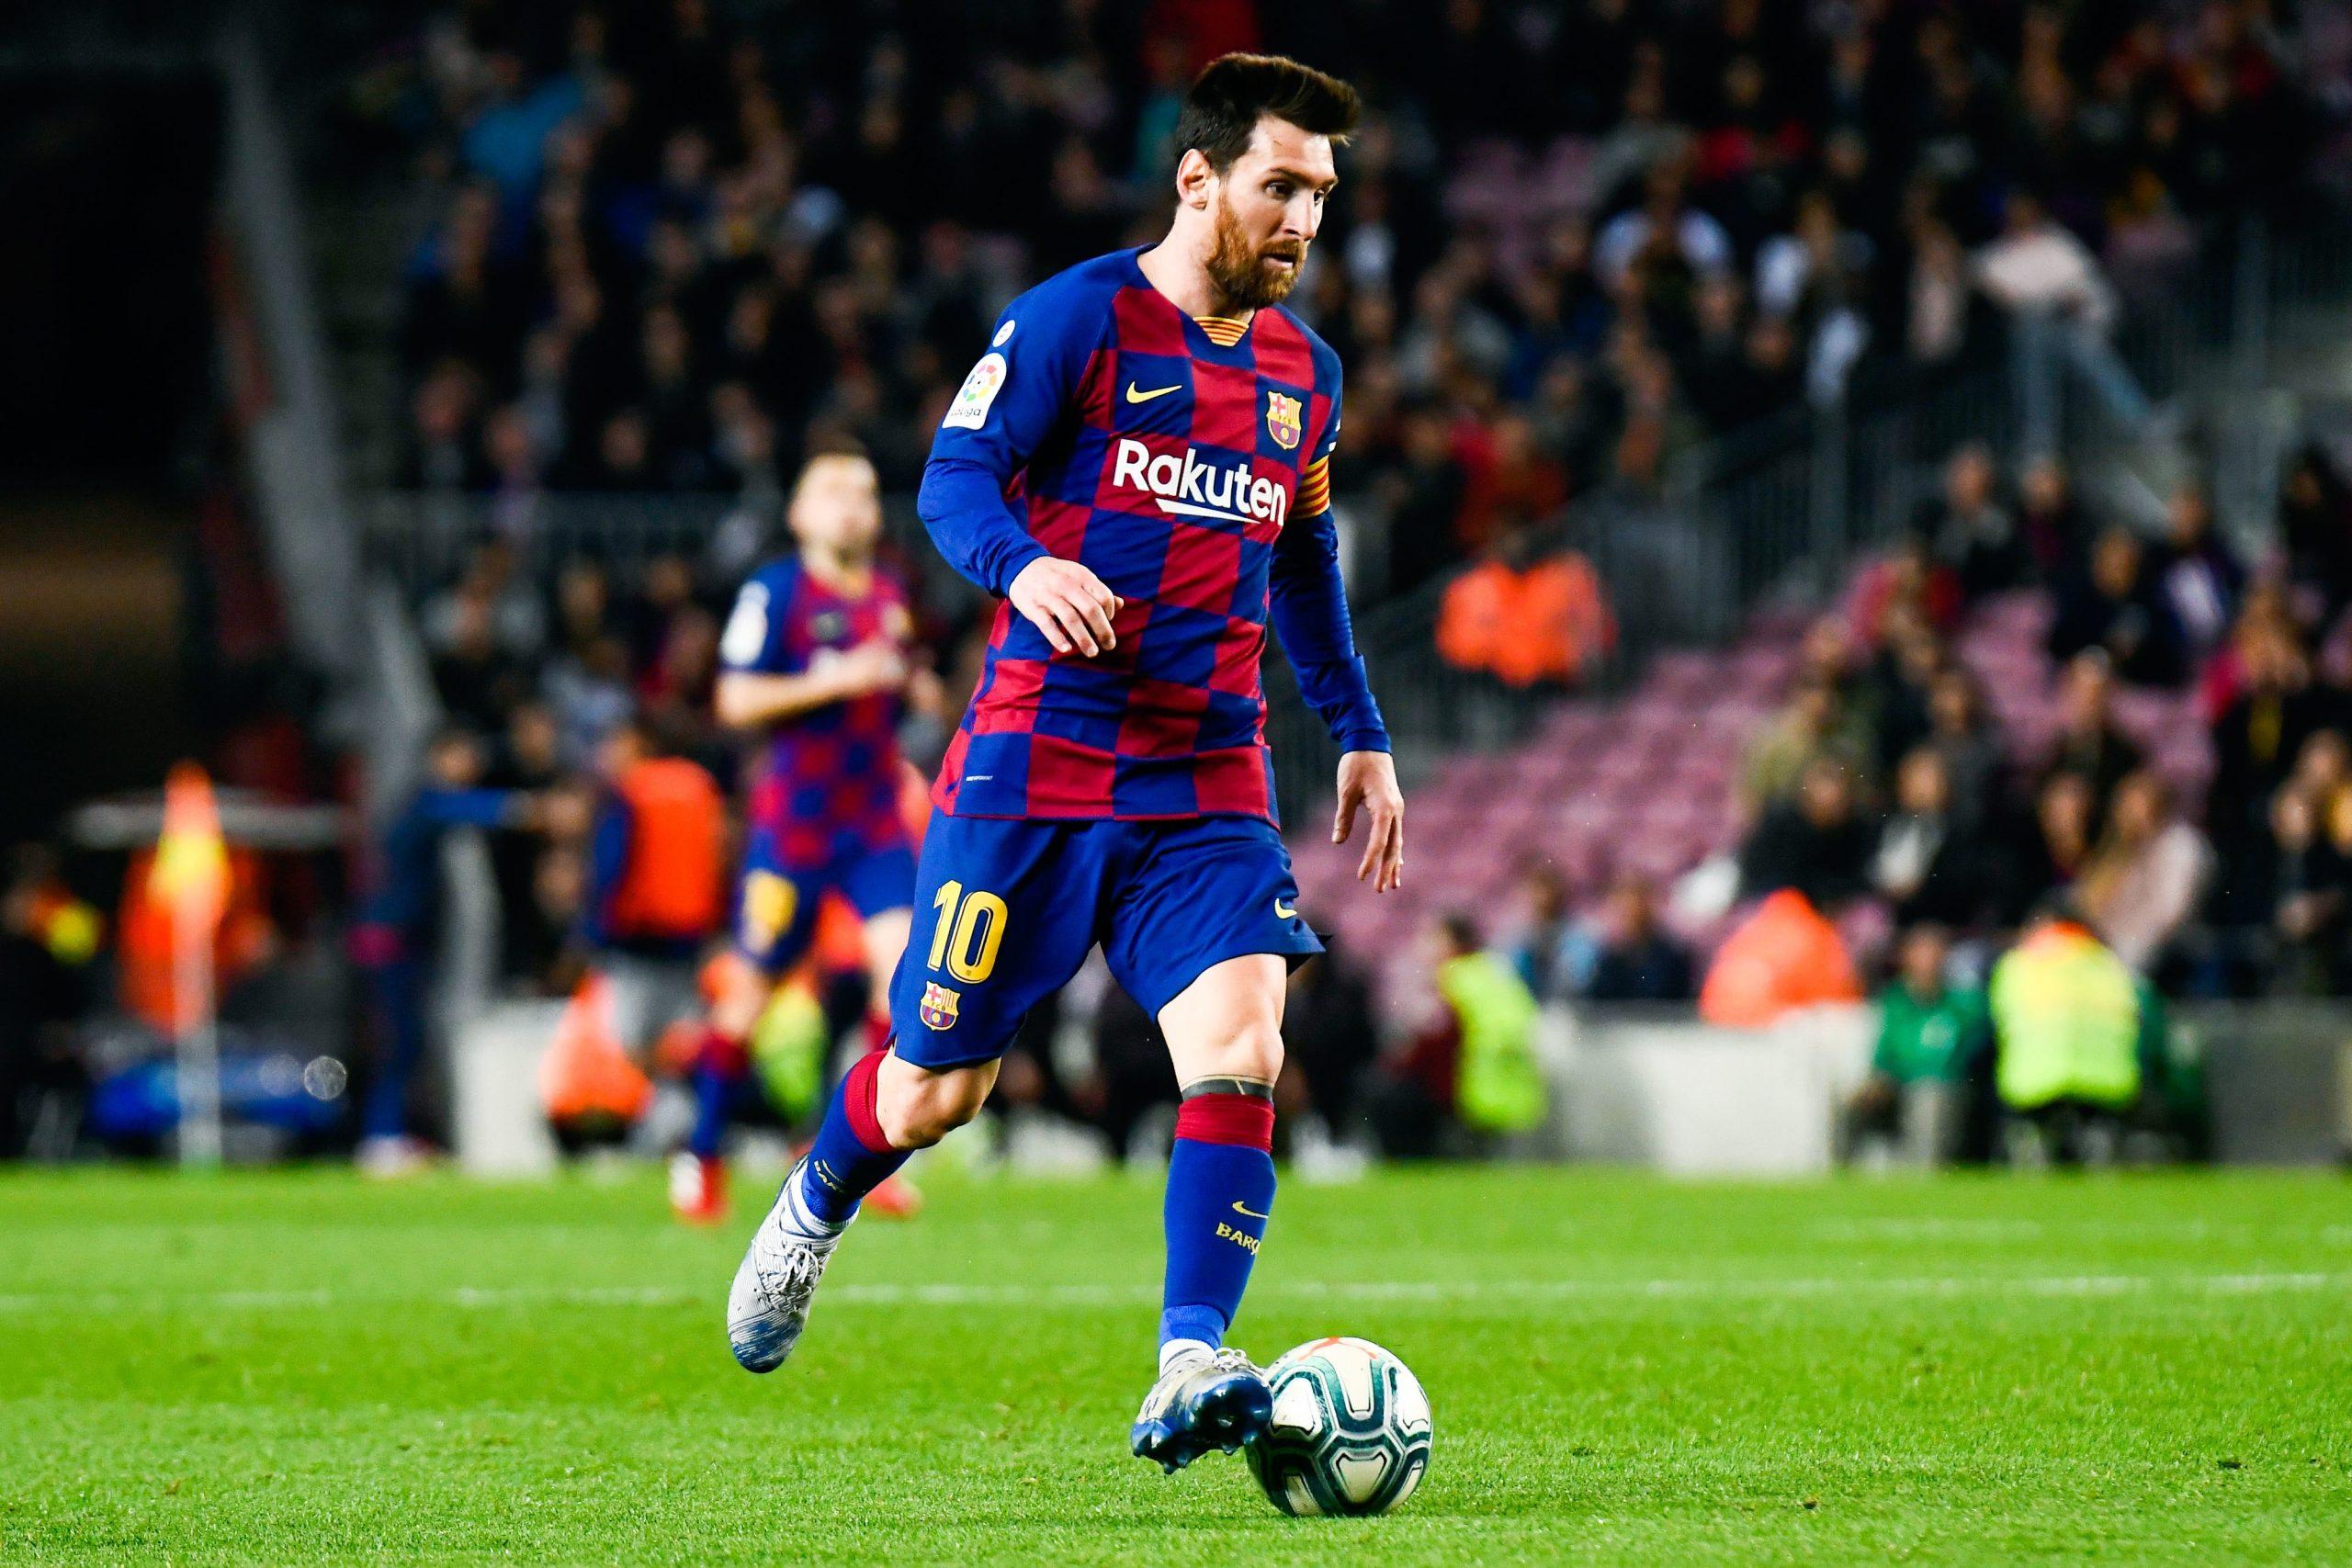 Mercato - L'Equipe place le PSG parmi les éventuelles destinations de Messi